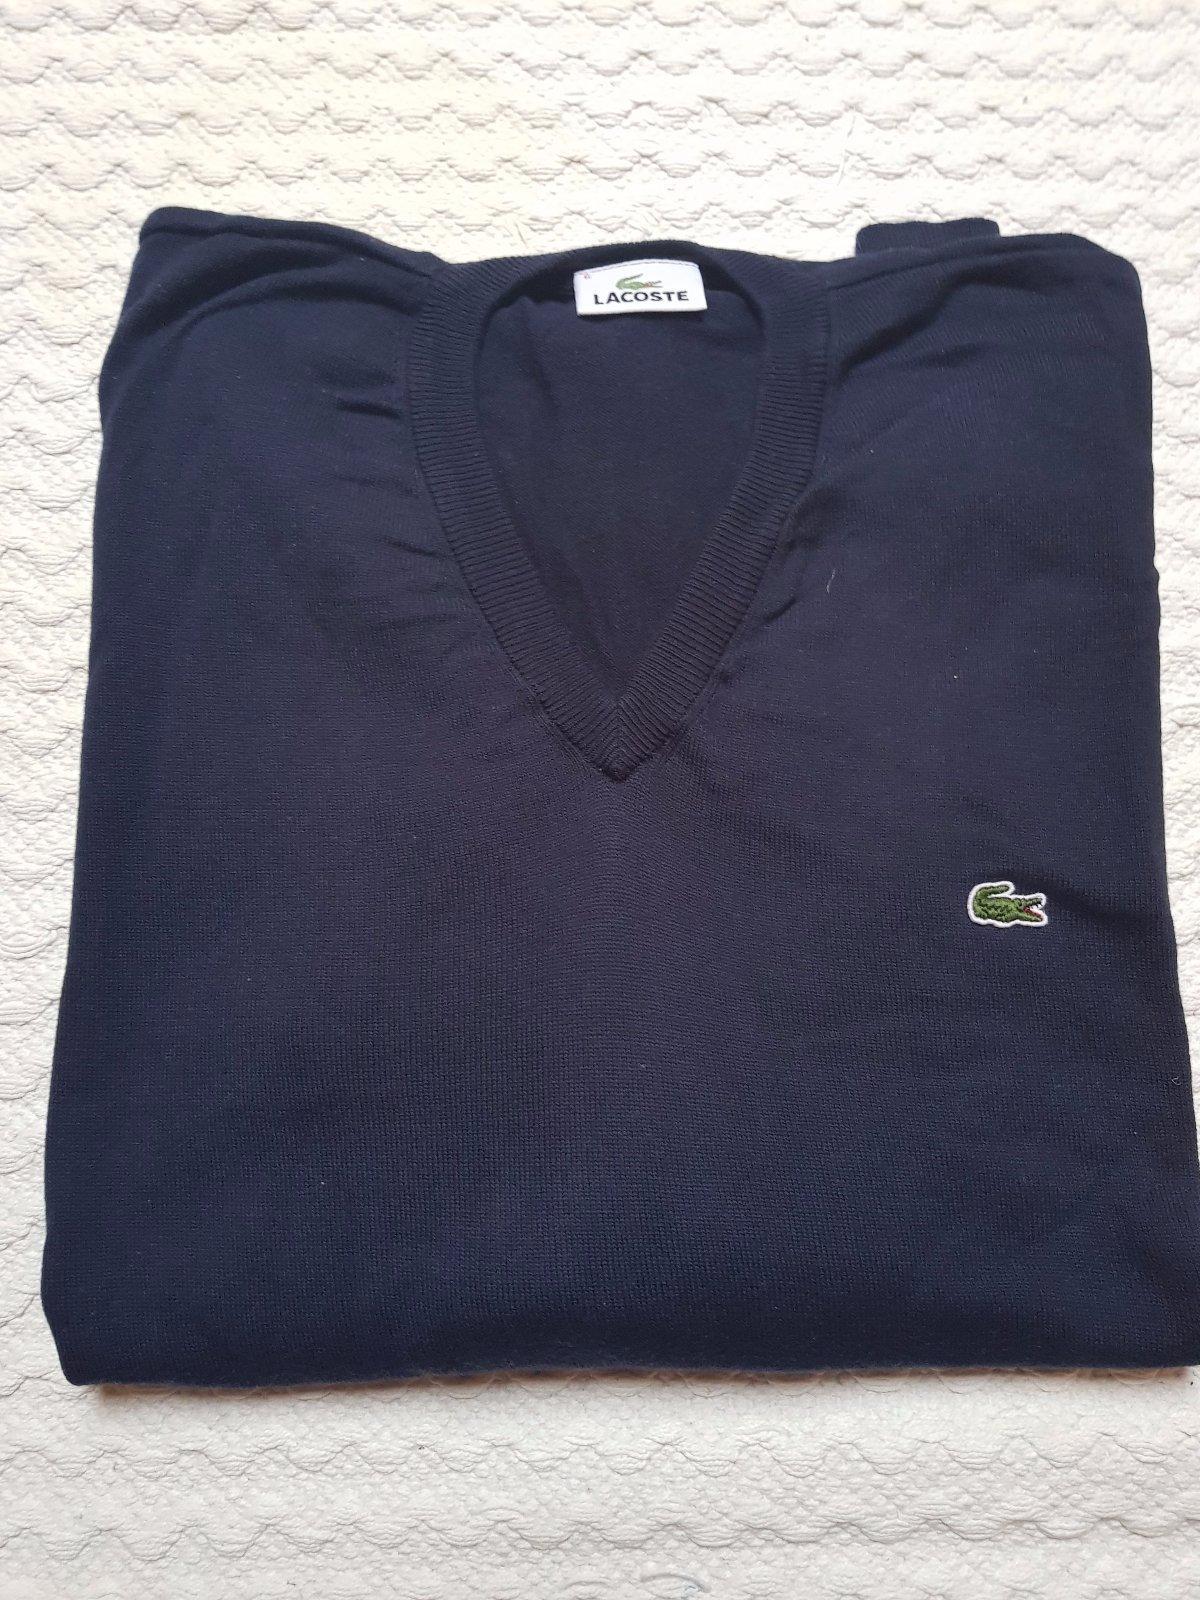 c11a69b9804c8 Lacoste sveter, lacoste,l - 20 € od predávajúcej dzulie31 | Detský bazár |  ModryKonik.sk